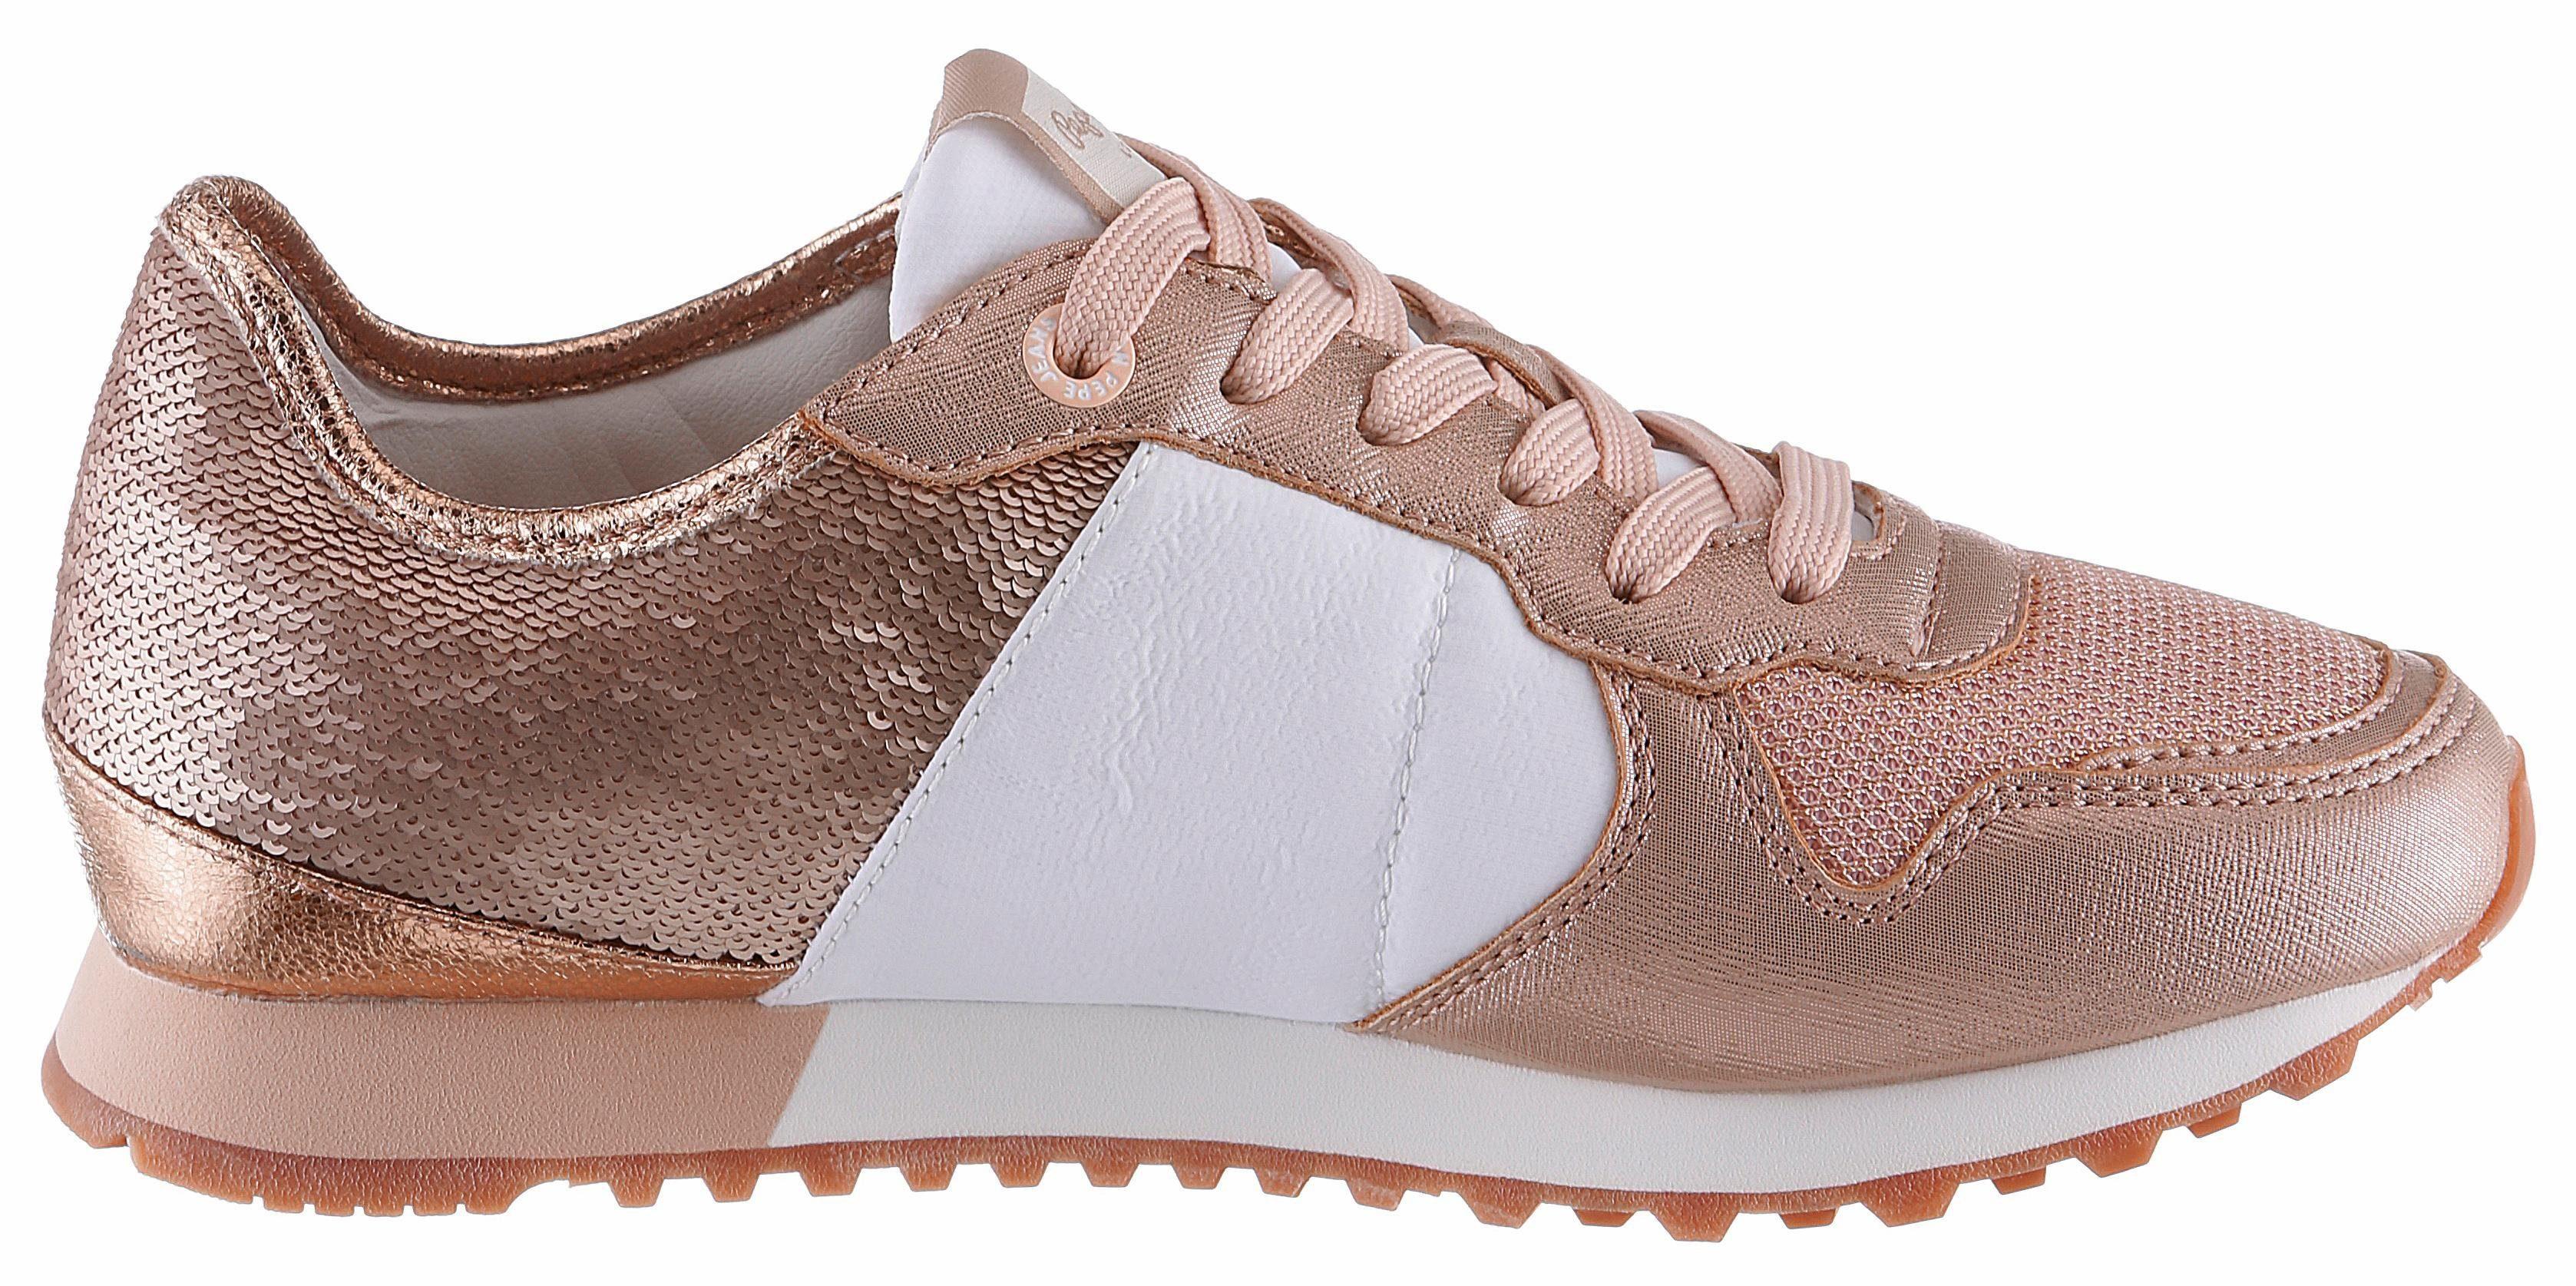 Pepe Jeans VERONA W SEQUINS Sneaker, mit schimmernden Pailletten online kaufen  roségoldfarben-weiß